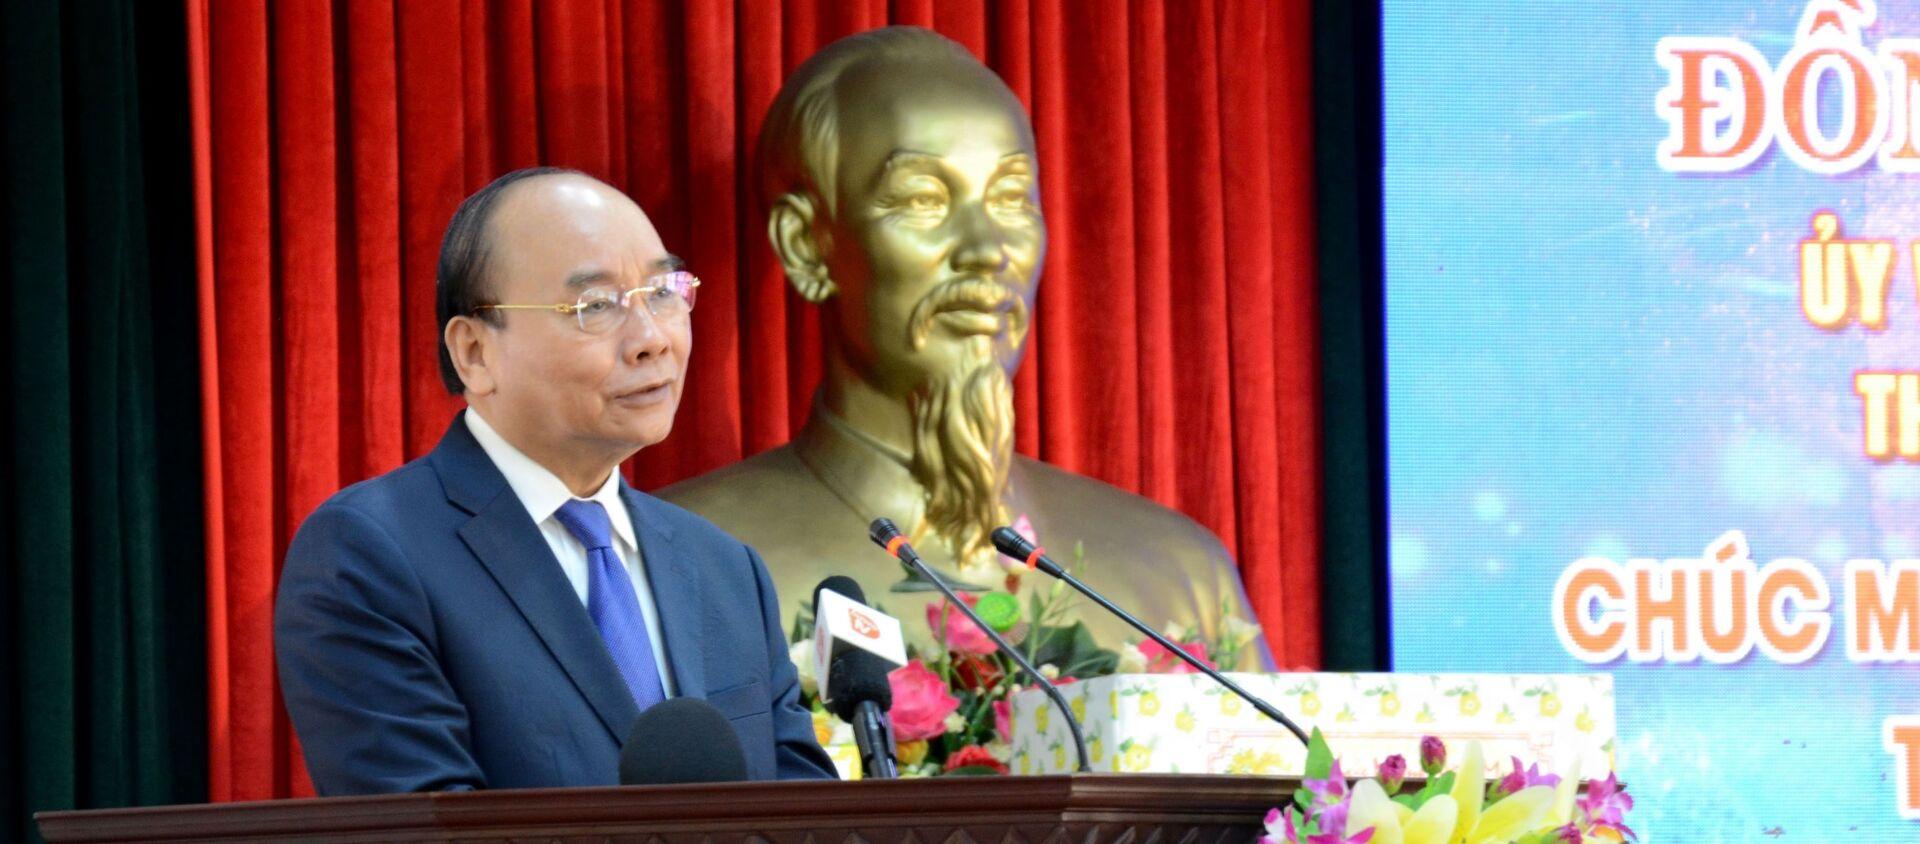 Thủ tướng Nguyễn Xuân Phúc phát biểu tại Bộ Chỉ huy Bộ đội Biên phòng thành phố Đà Nẵng. - Sputnik Việt Nam, 1920, 12.02.2021